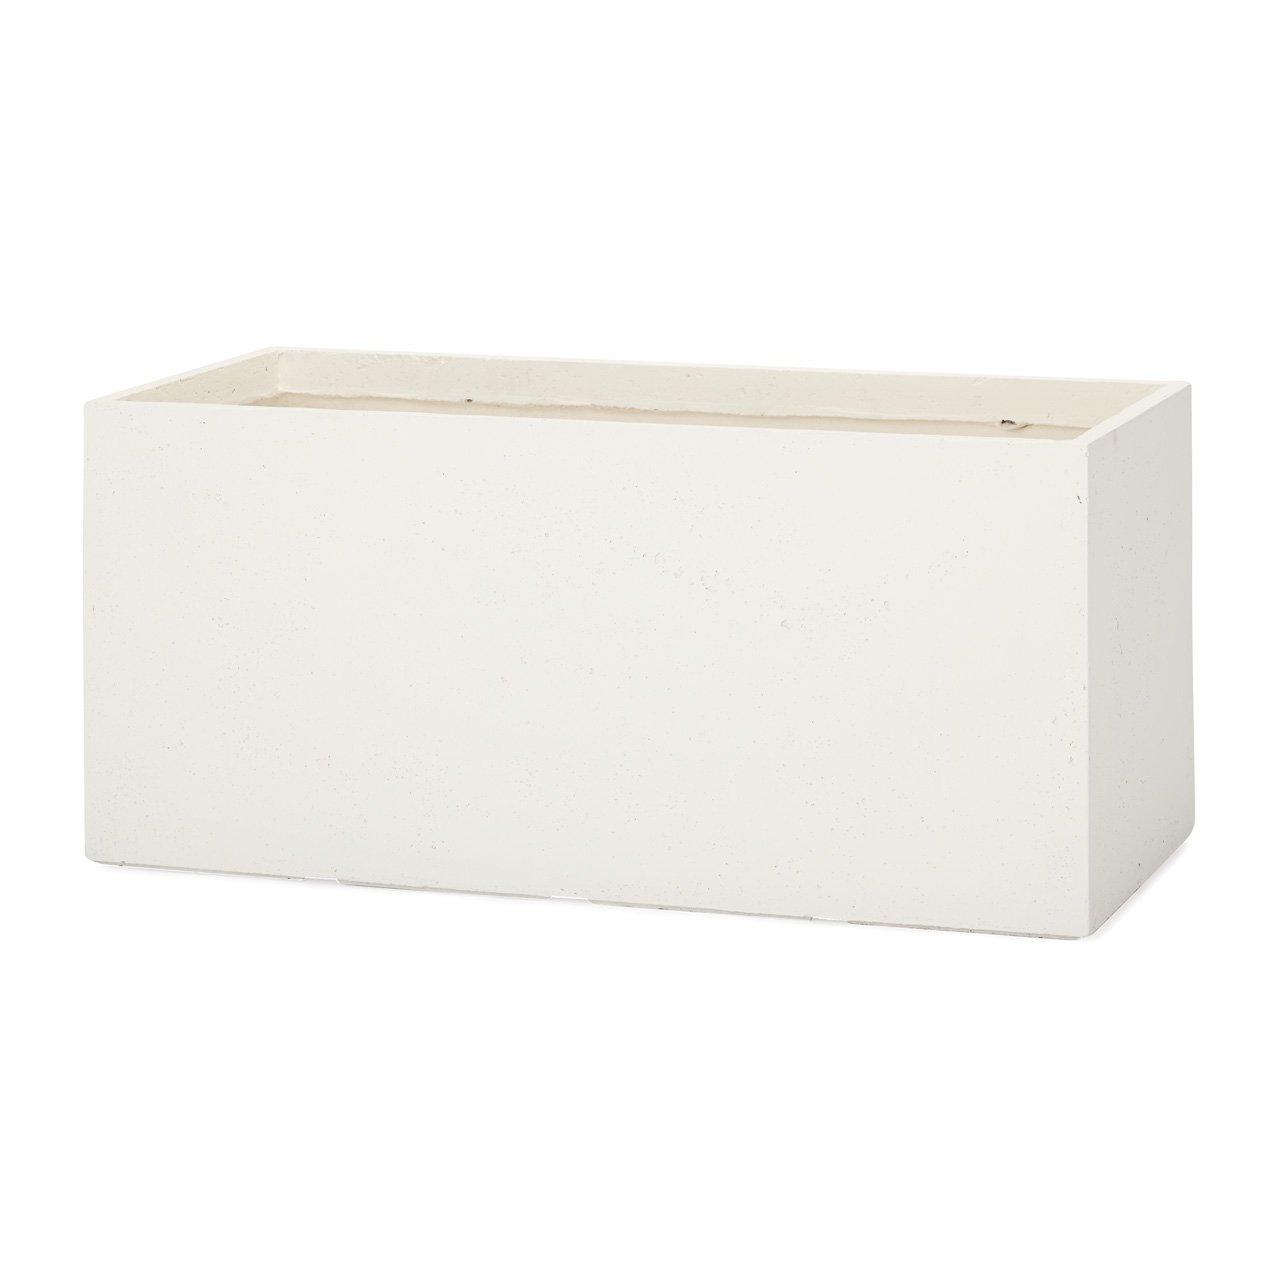 植木鉢 大型 ファイバークレイプロ ラムダ 長角プランター 60 ホワイト B00LSBK2X0  ホワイト 60